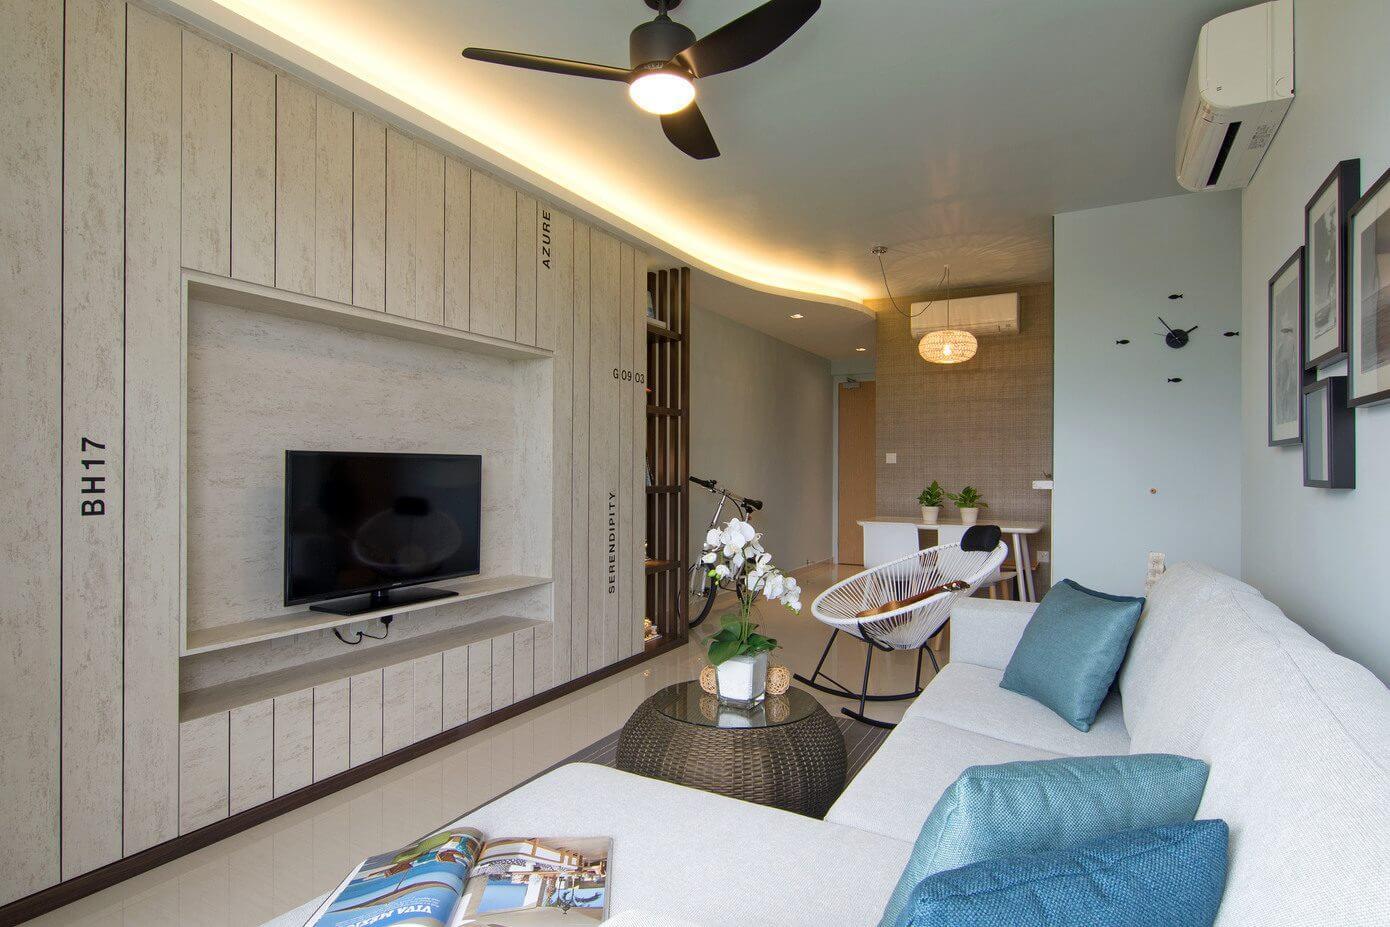 Beach House Apartment By Vievva Designers HomeAdore